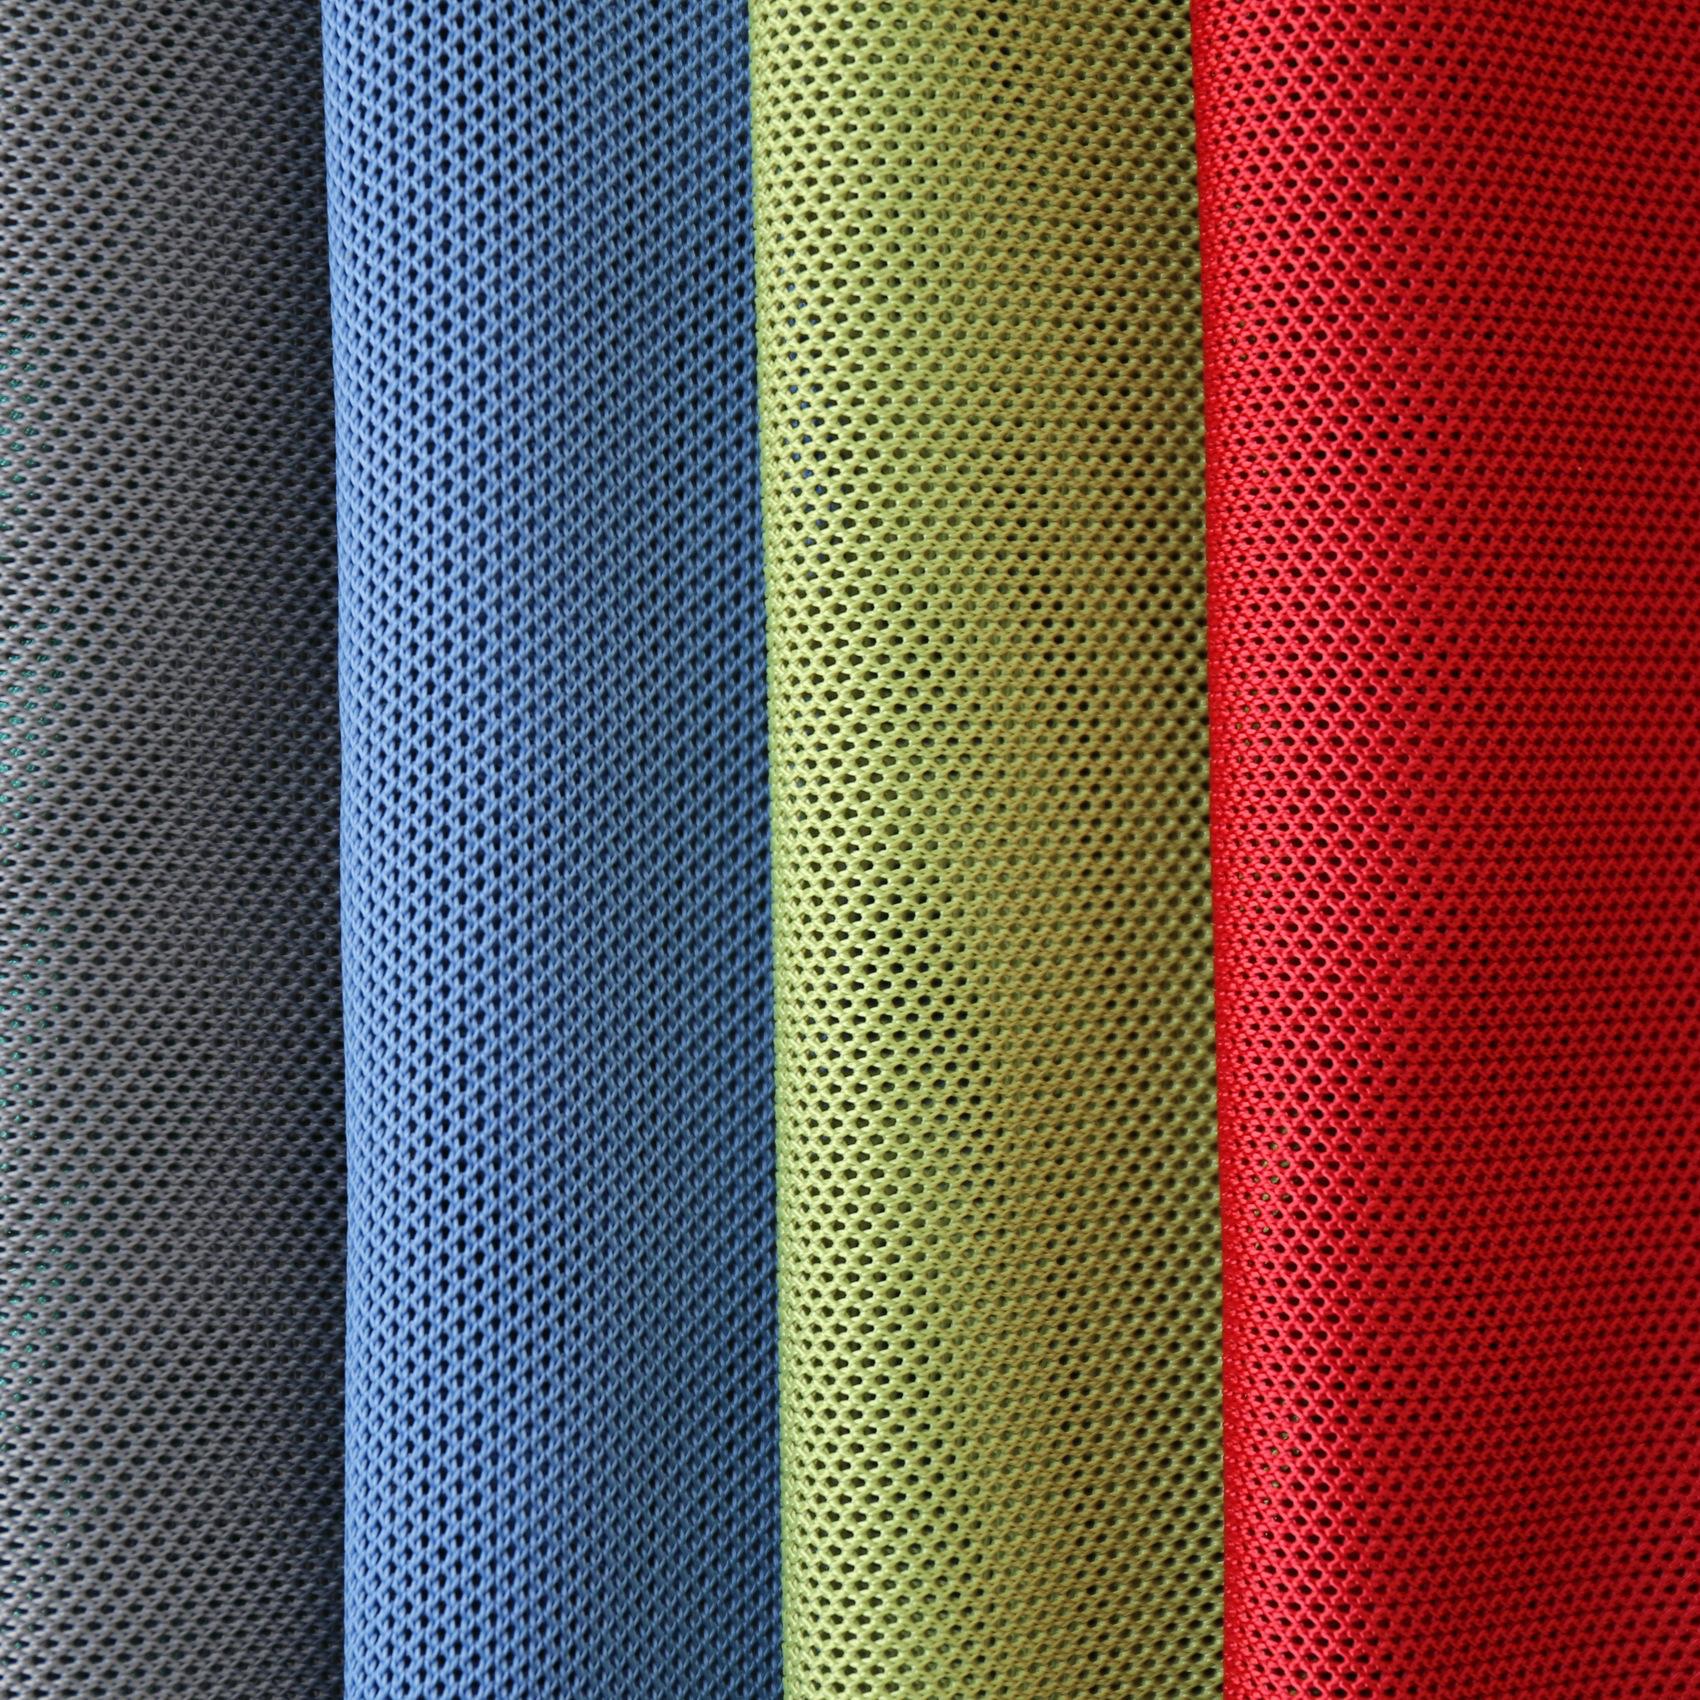 Vải lưới Công ty vải lưới Zhangjiagang Yulong cung cấp đa tiêu chuẩn đa gram nặng đa cảm giác ghế lư